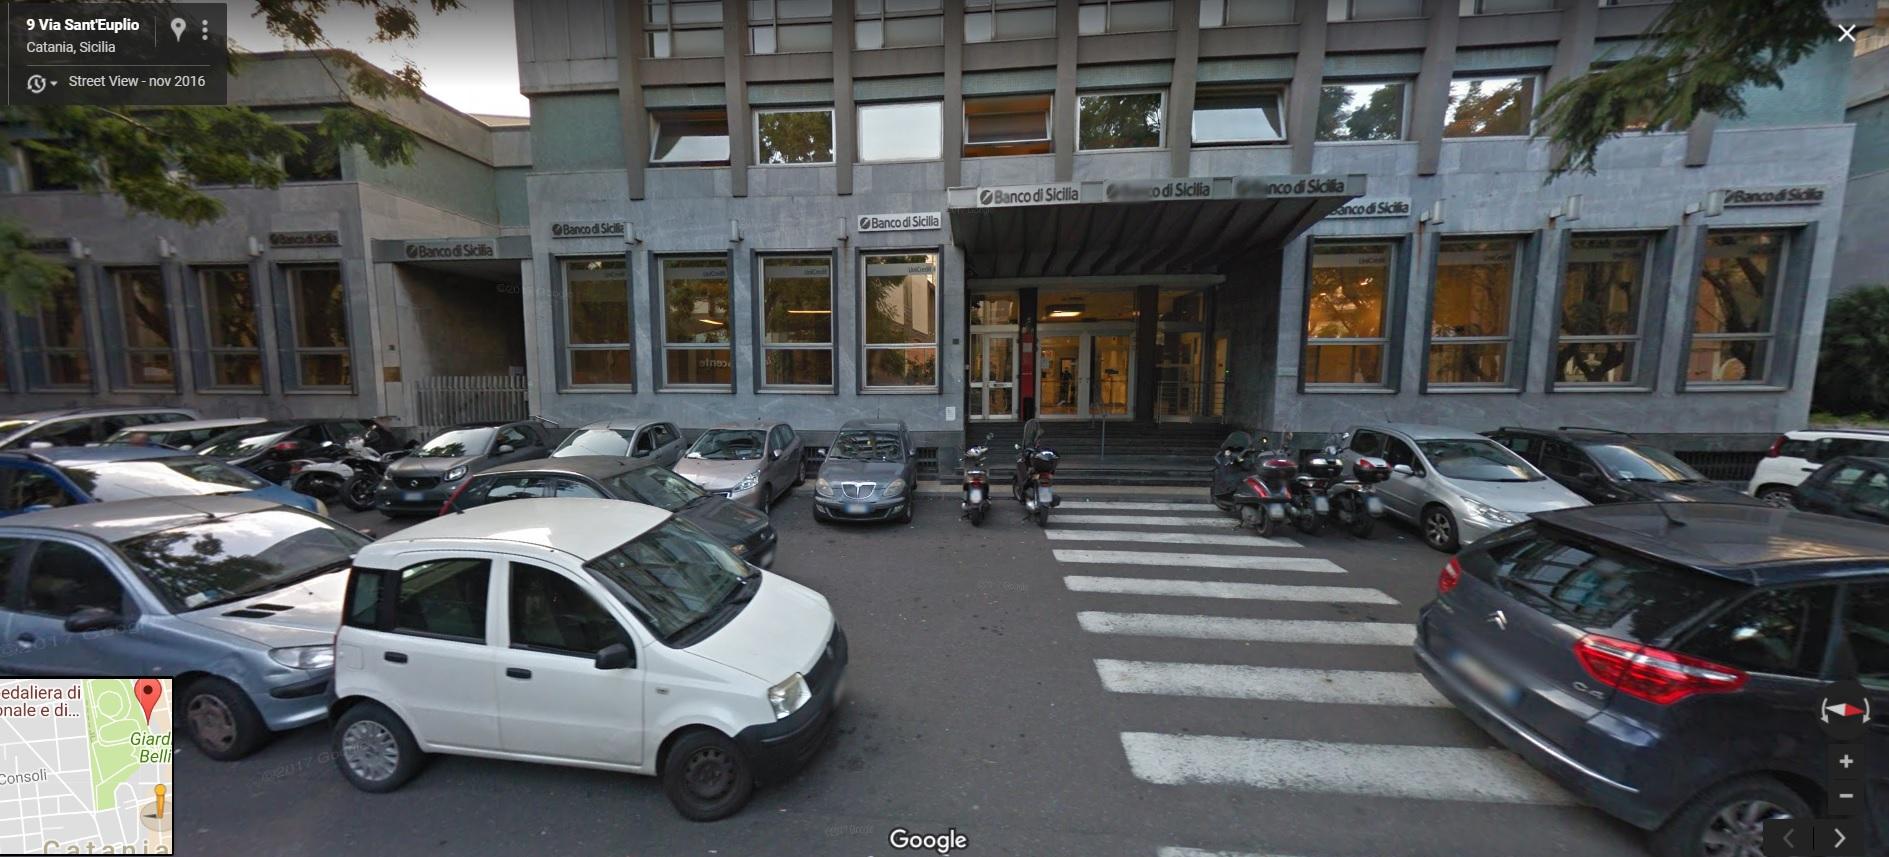 Il tratto di via Sant'Euplio interessato dai lavori di riqualificazione, come si presentava prima che cominciassero